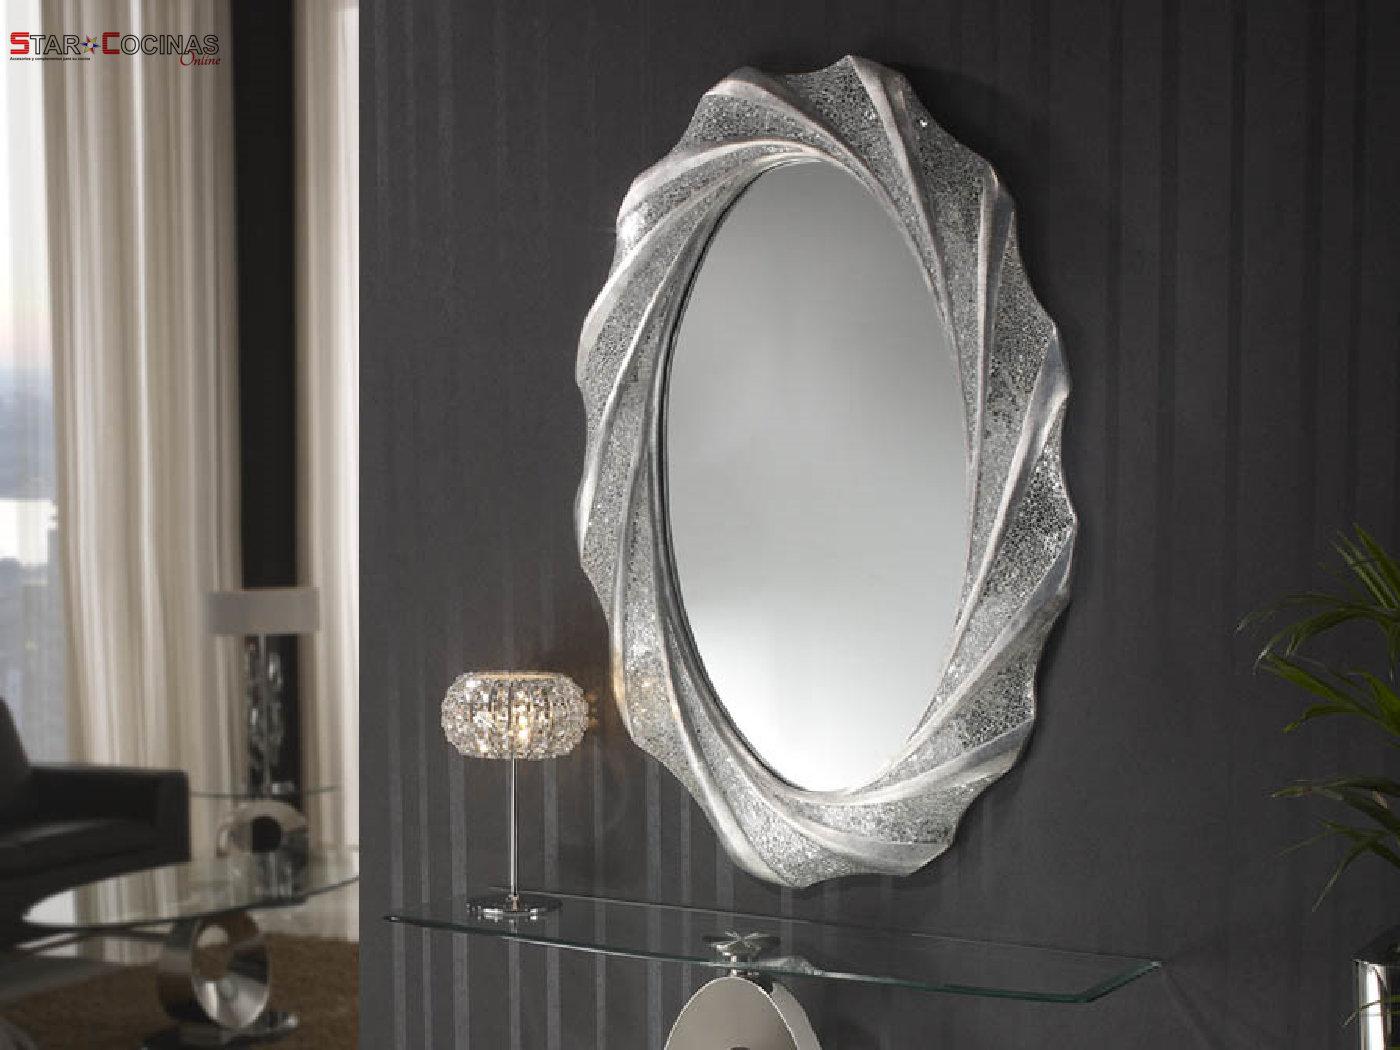 Espejo decorativo Marga Ovalado - STAR COCINAS ONLINE